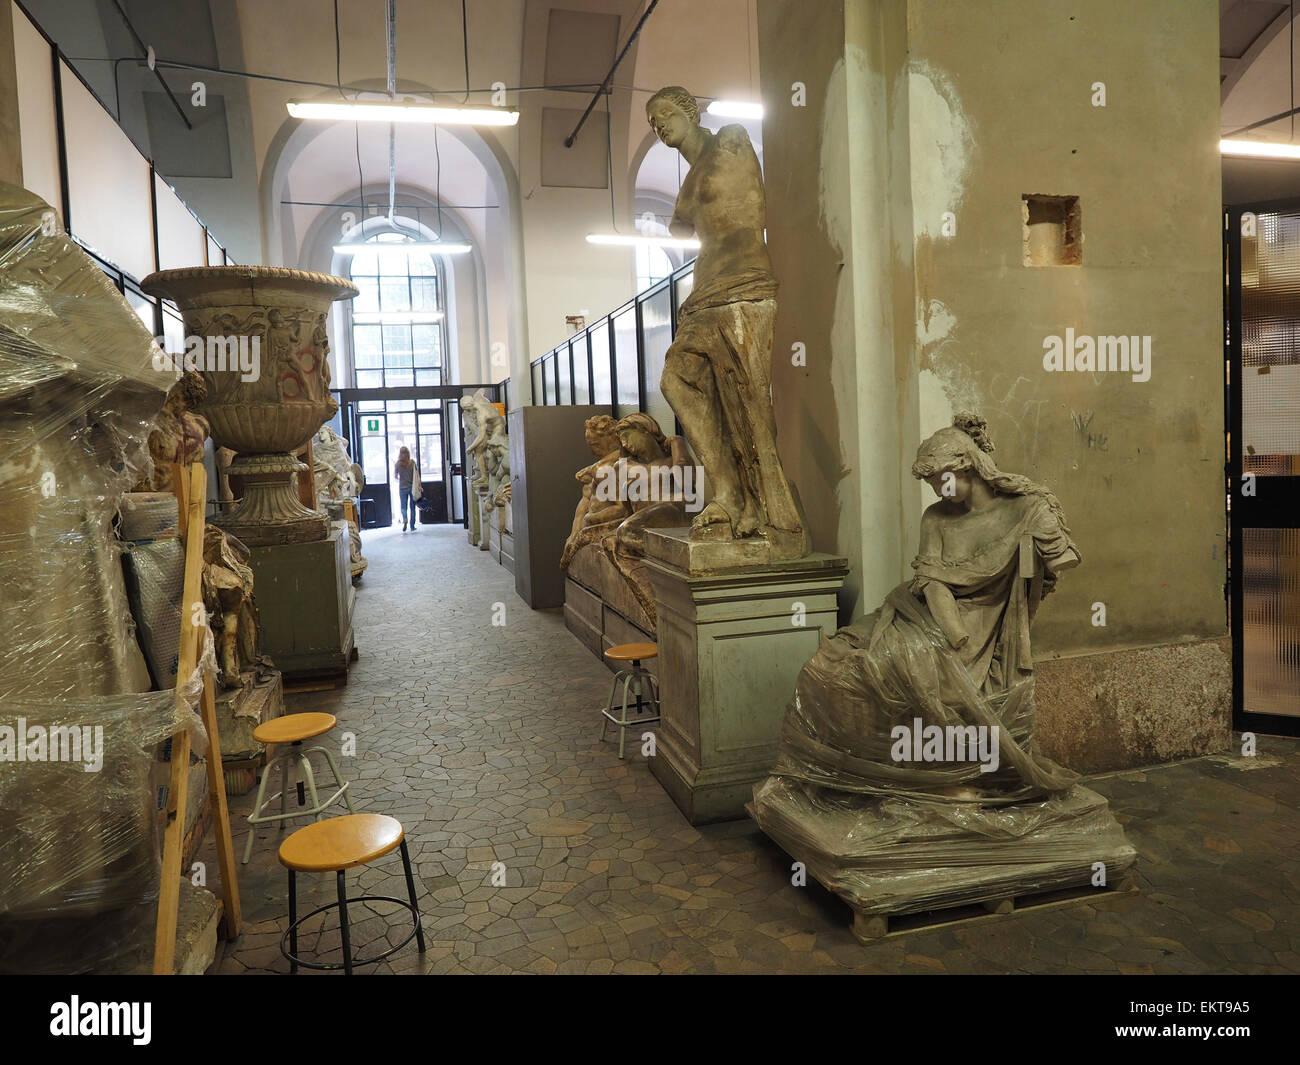 Academy of fine arts of brera accademia di belle arti di for Accademia di brera